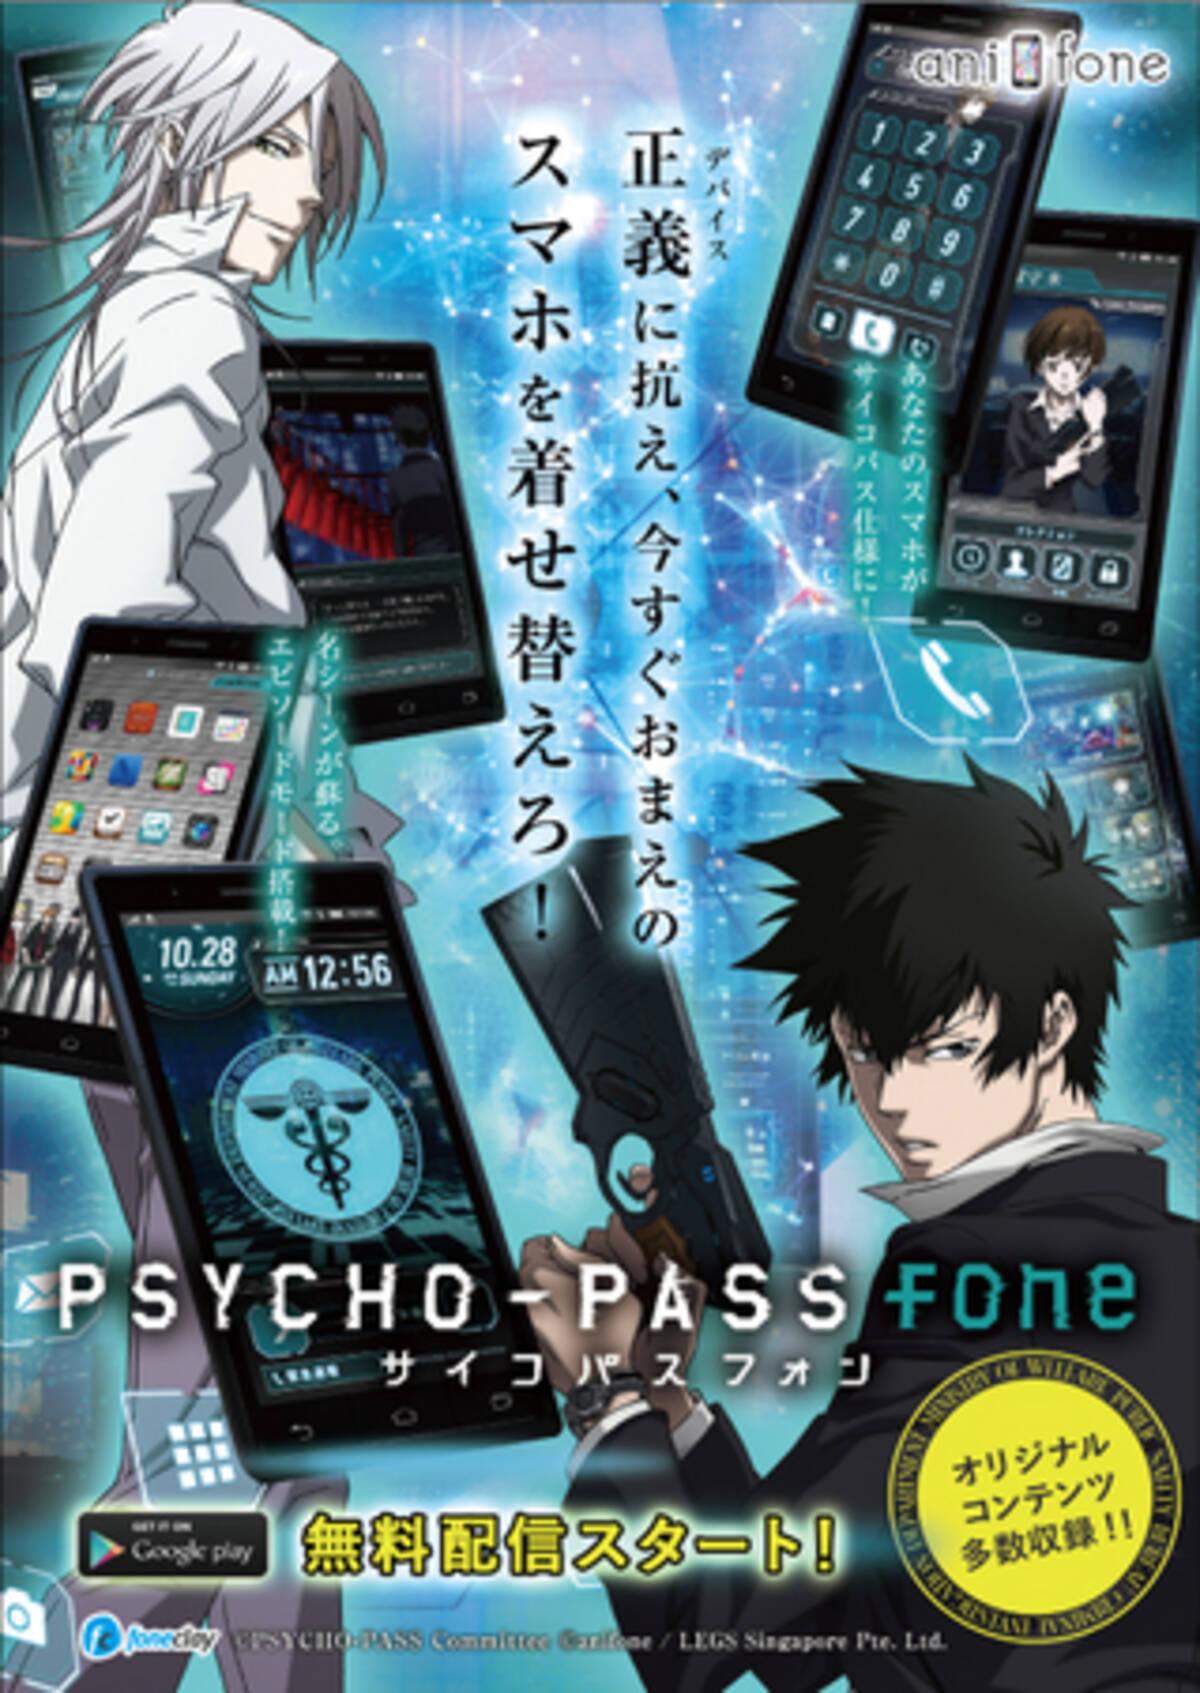 アニフォン Psycho Pass サイコパスfone が 劇場版 Psycho Pass